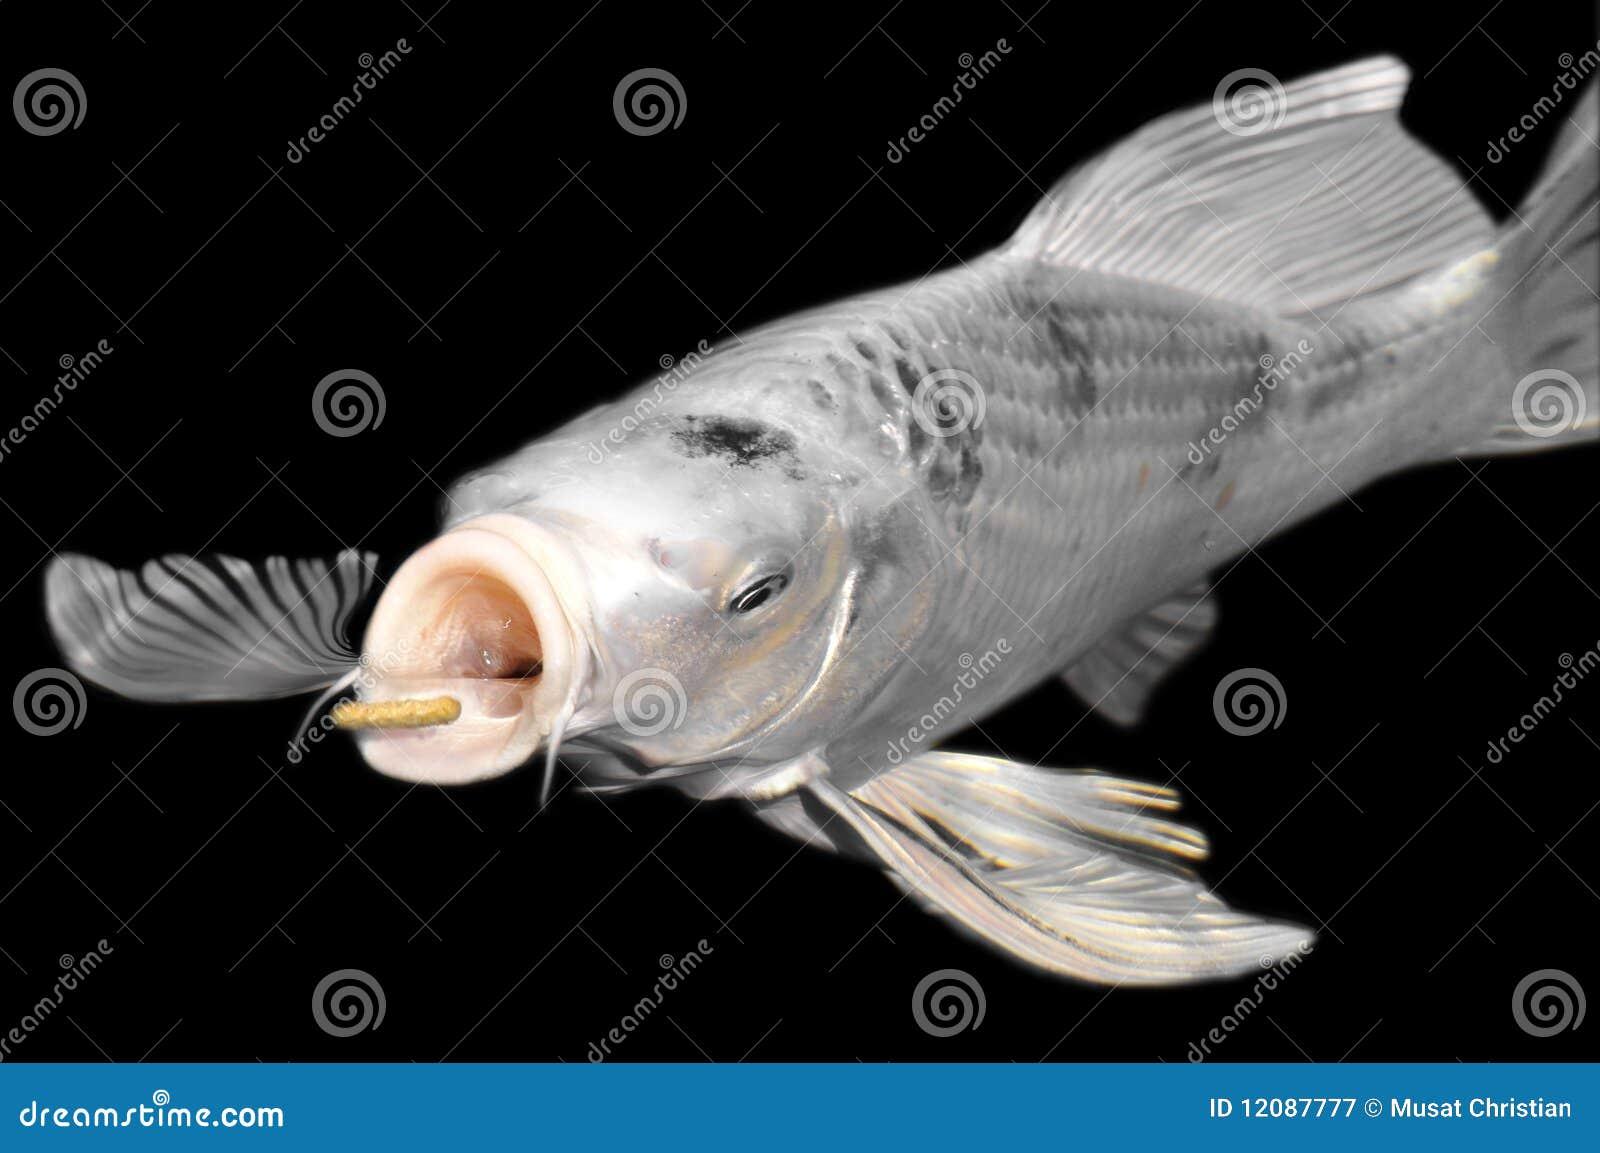 White carp koi on black background